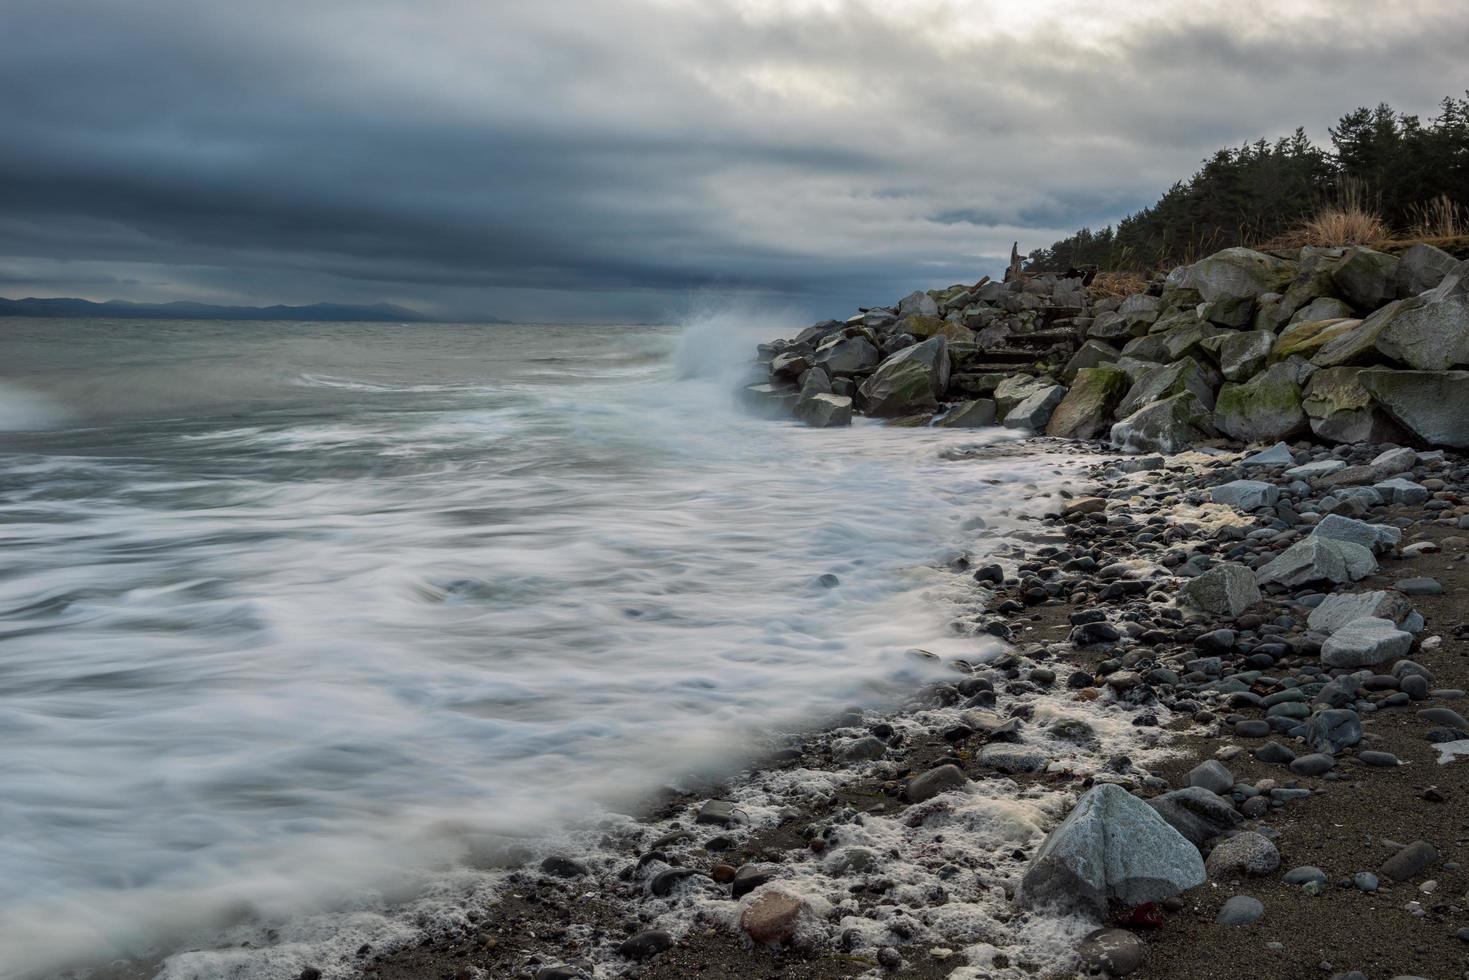 rivage rocheux sous ciel nuageux photo